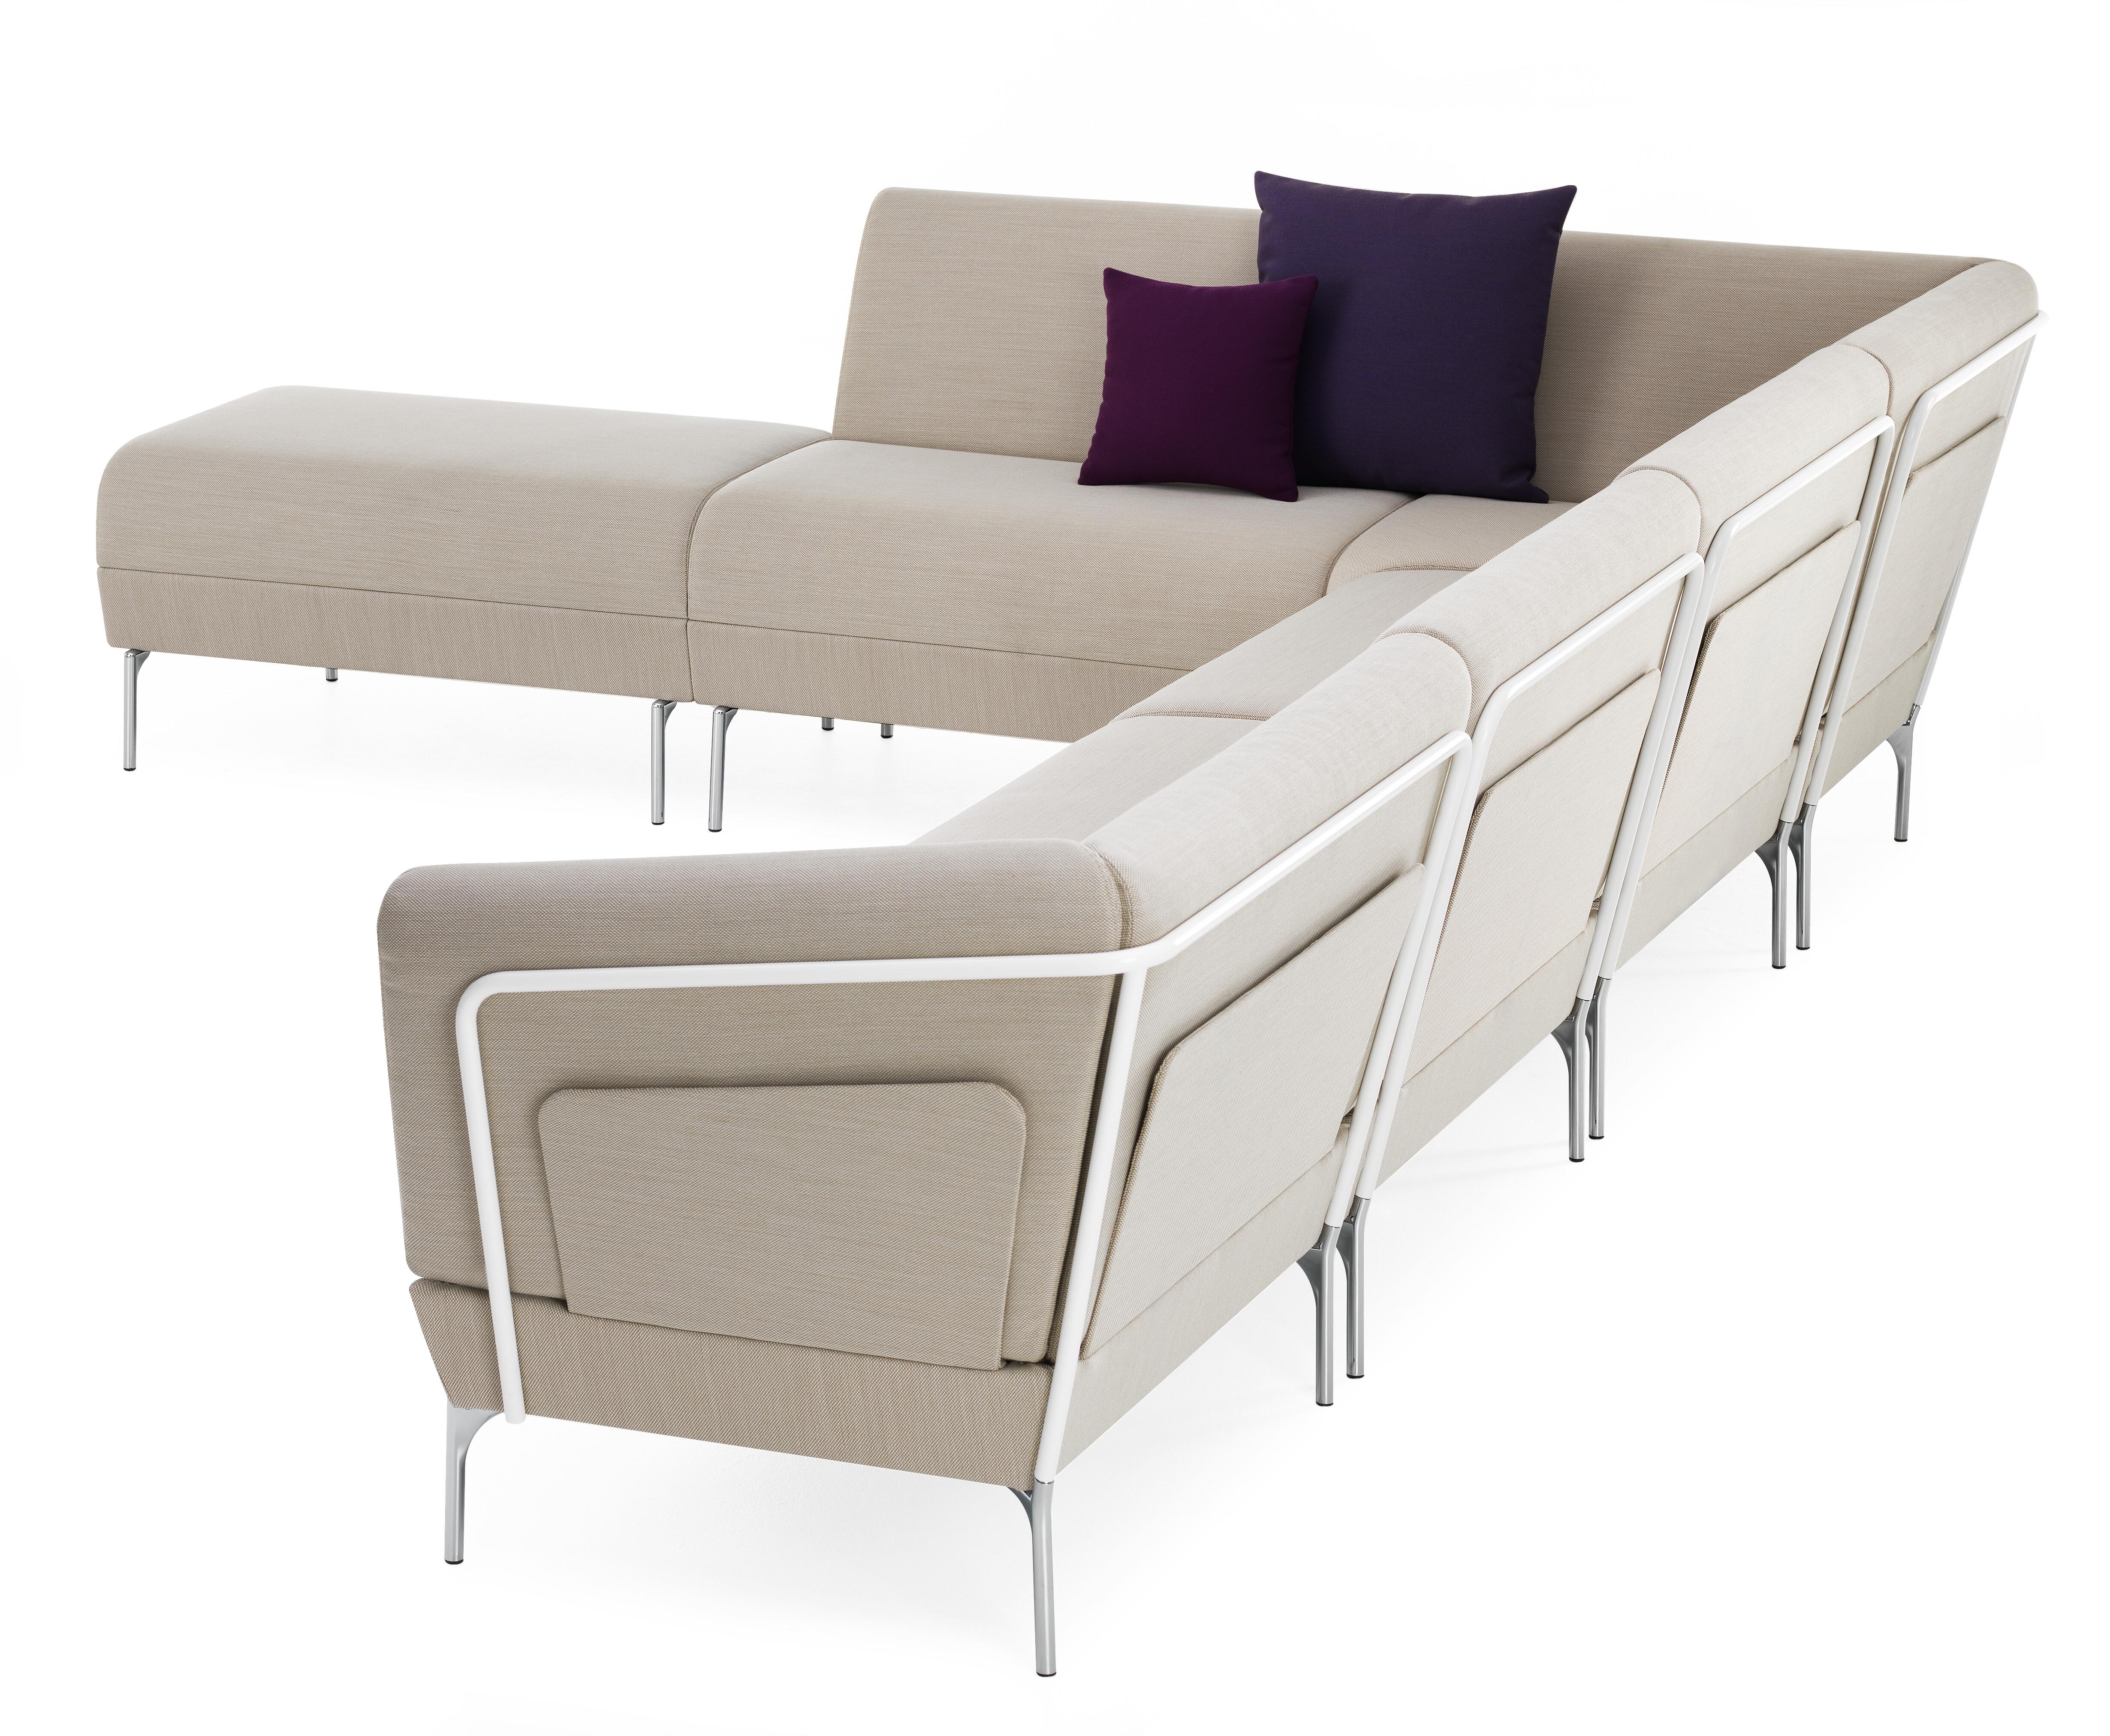 Addit Modular Seating Lammhults